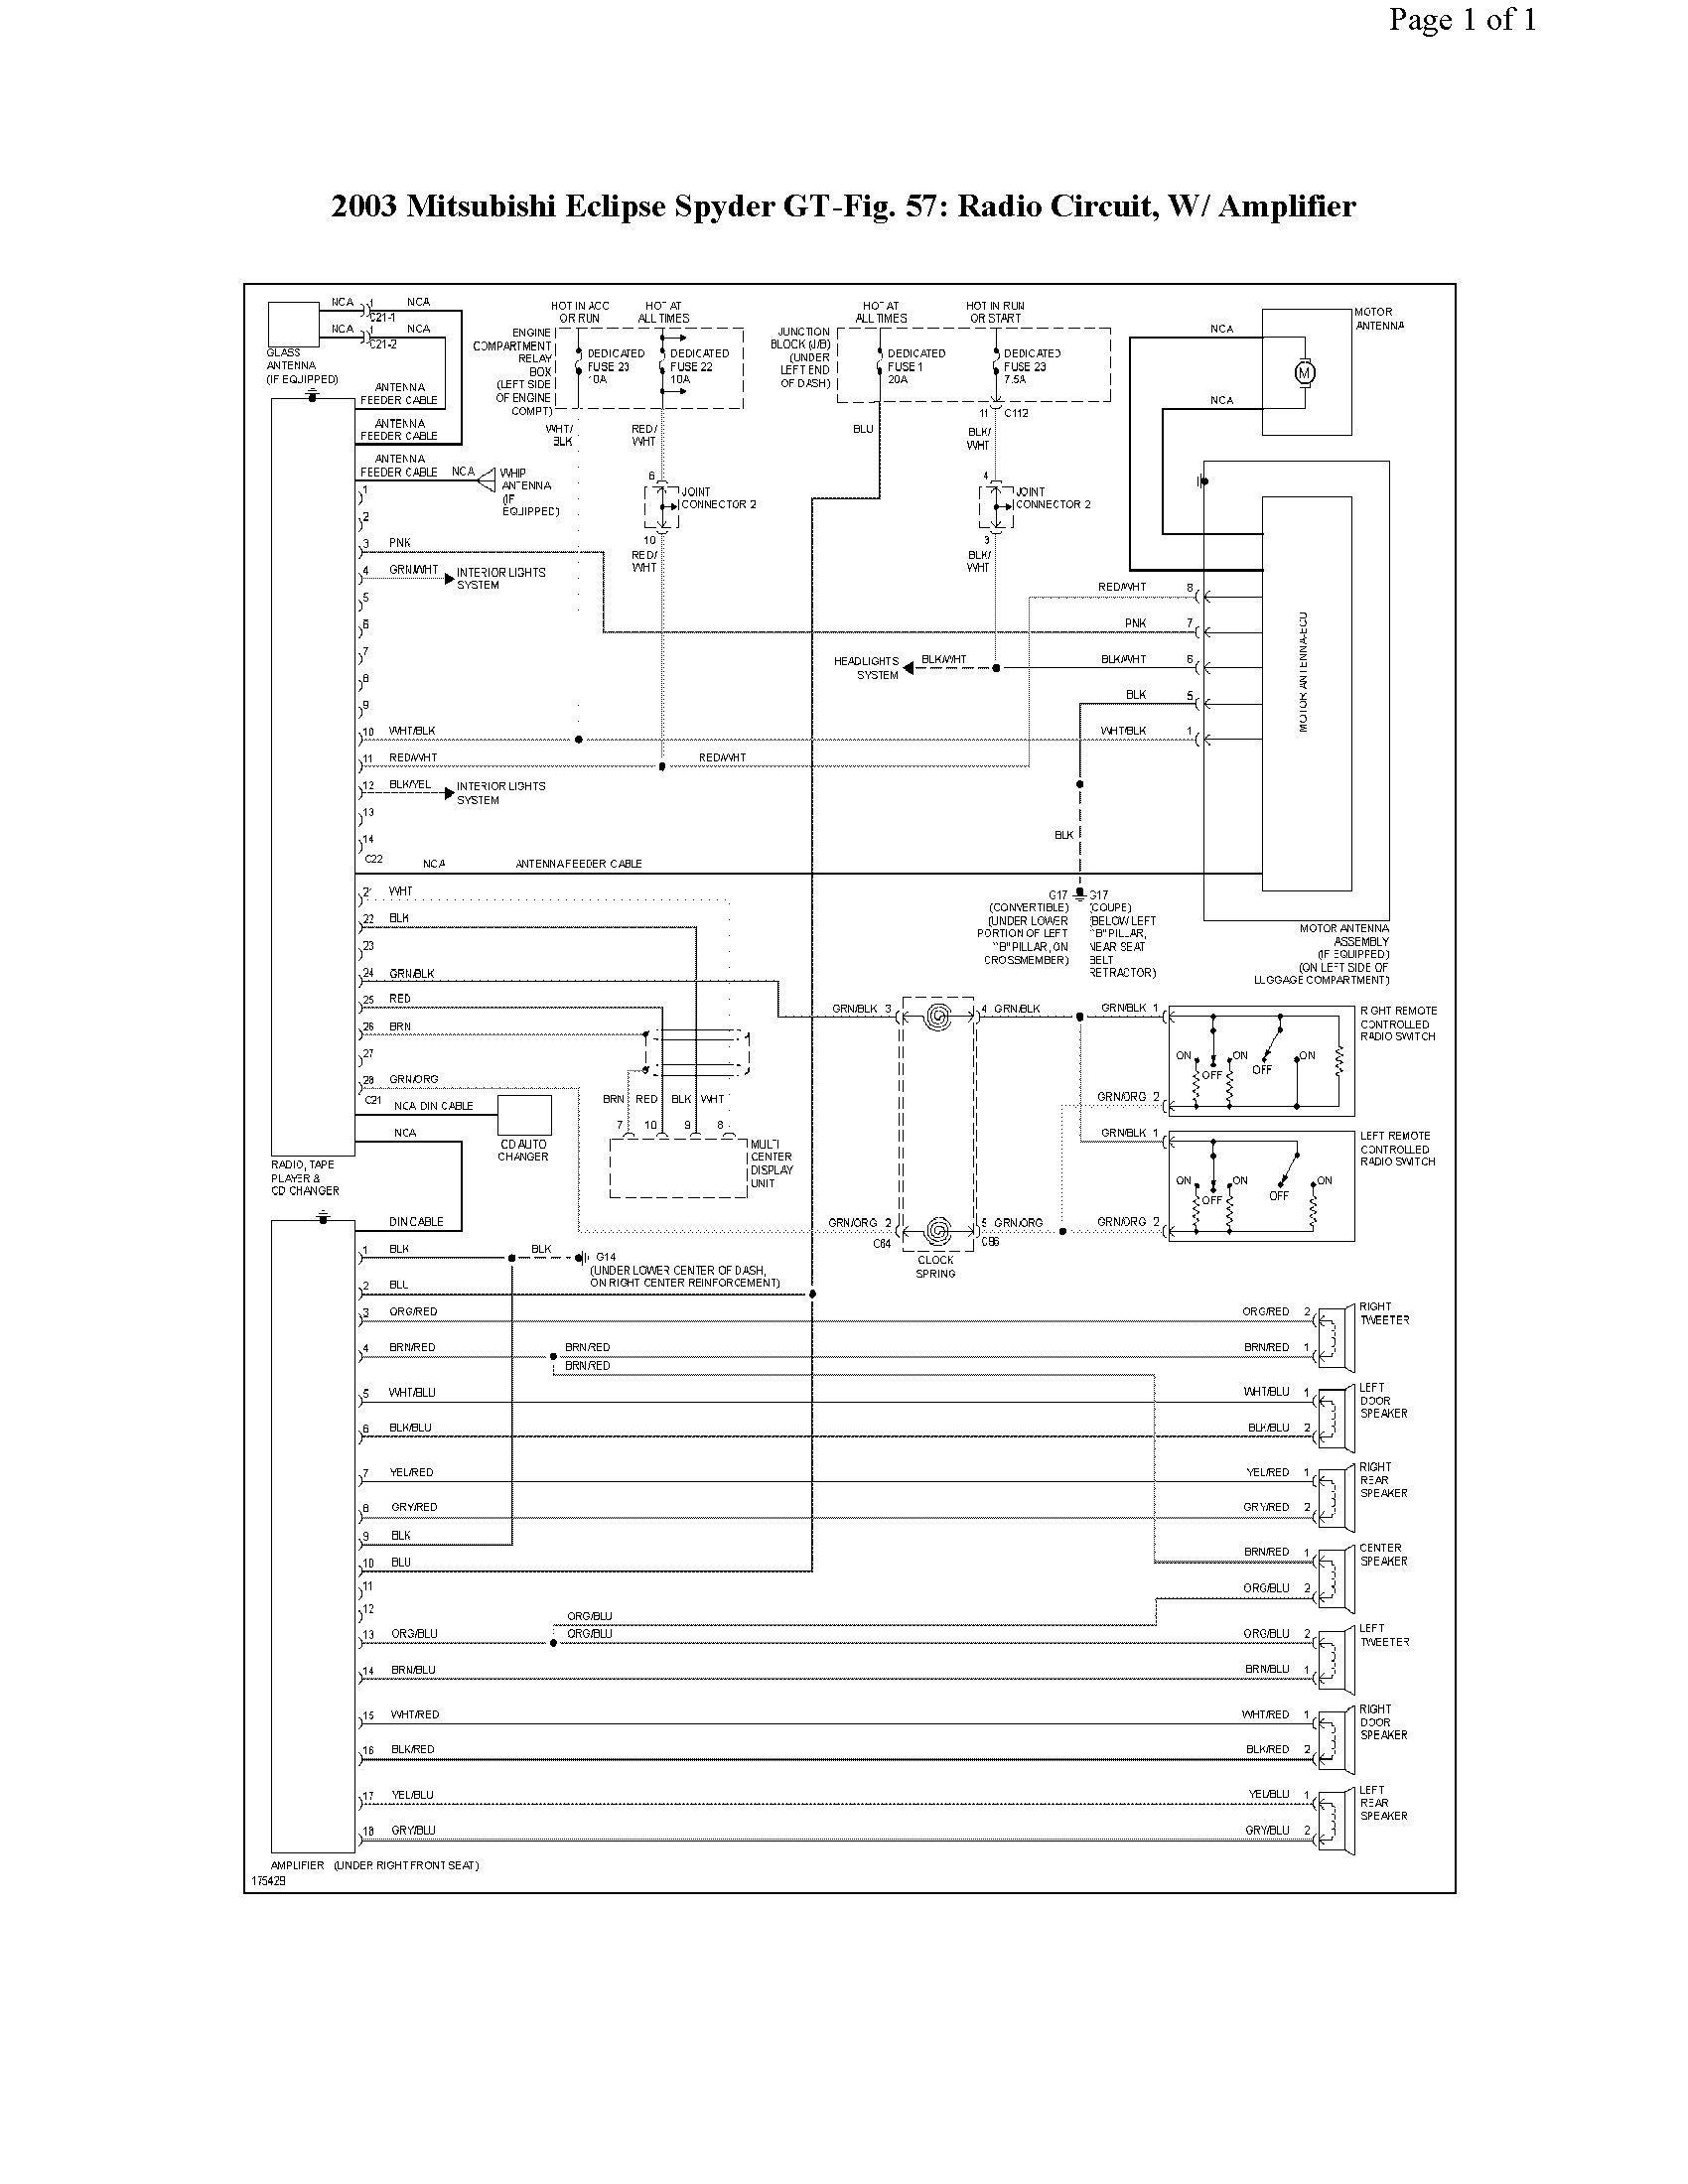 1999 Mitsubishi Eclipse Spyder Radio Wiring Diagram 2003 Grand Am Wiring Diagram Controlwiring Corolla Waystar Fr